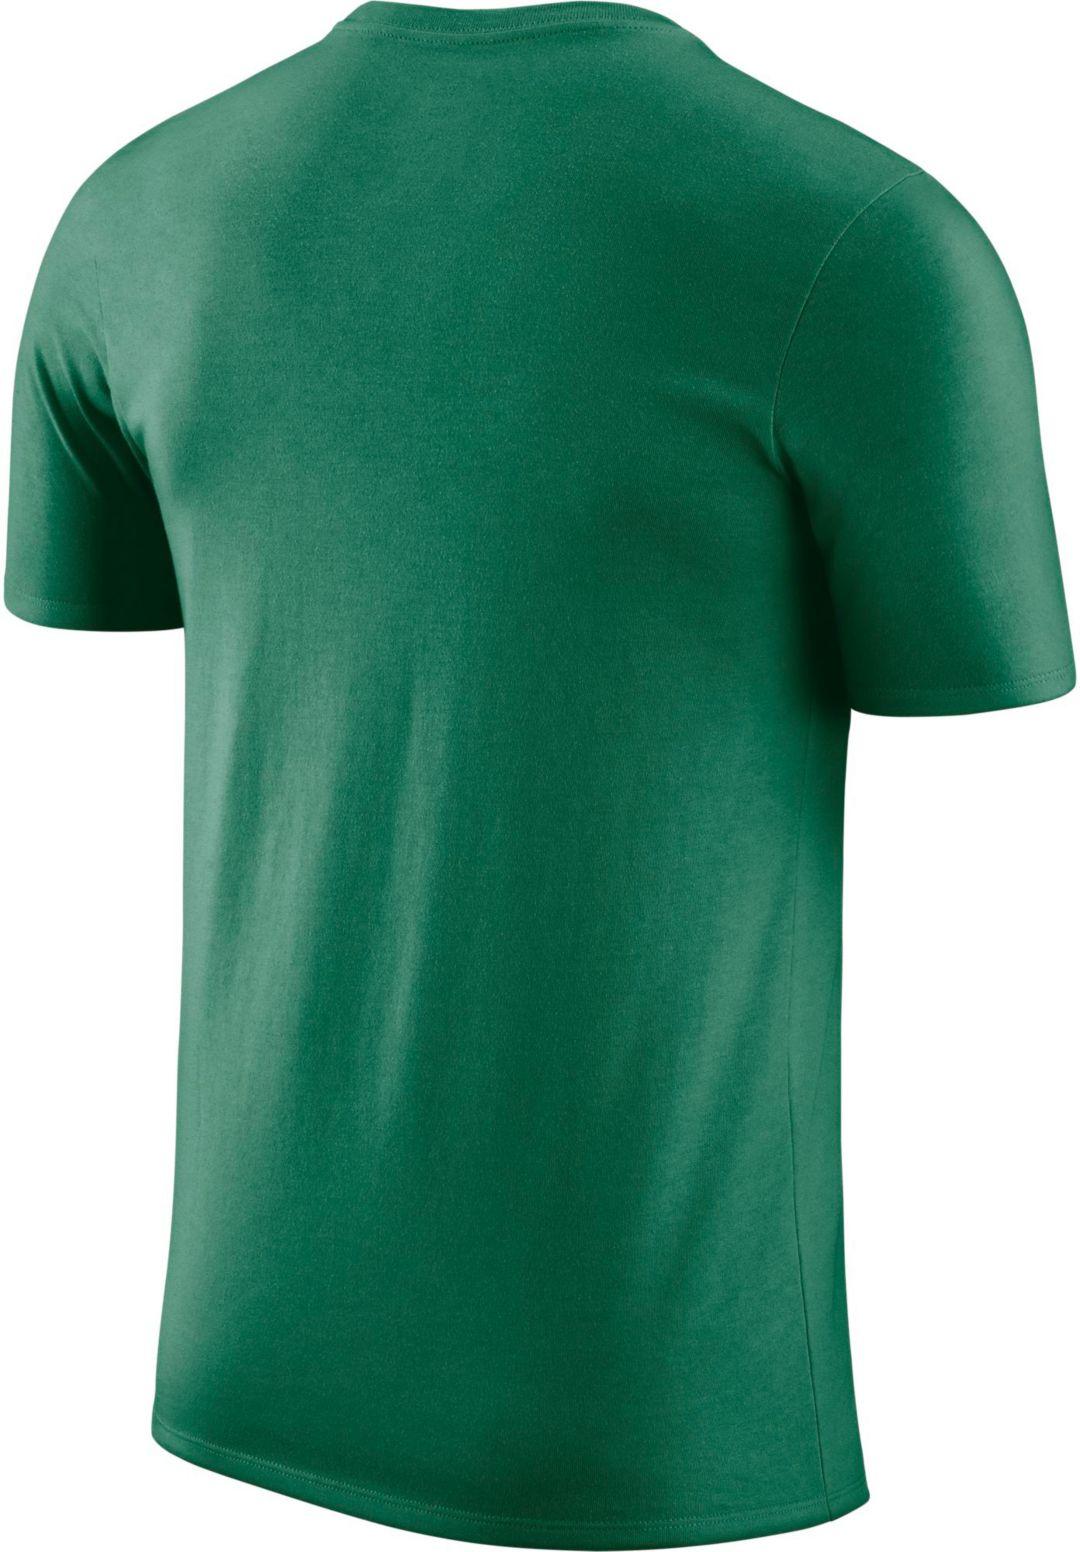 8cee0ba55 Nike Men's Boston Celtics Dri-FIT Practice T-Shirt | DICK'S Sporting ...